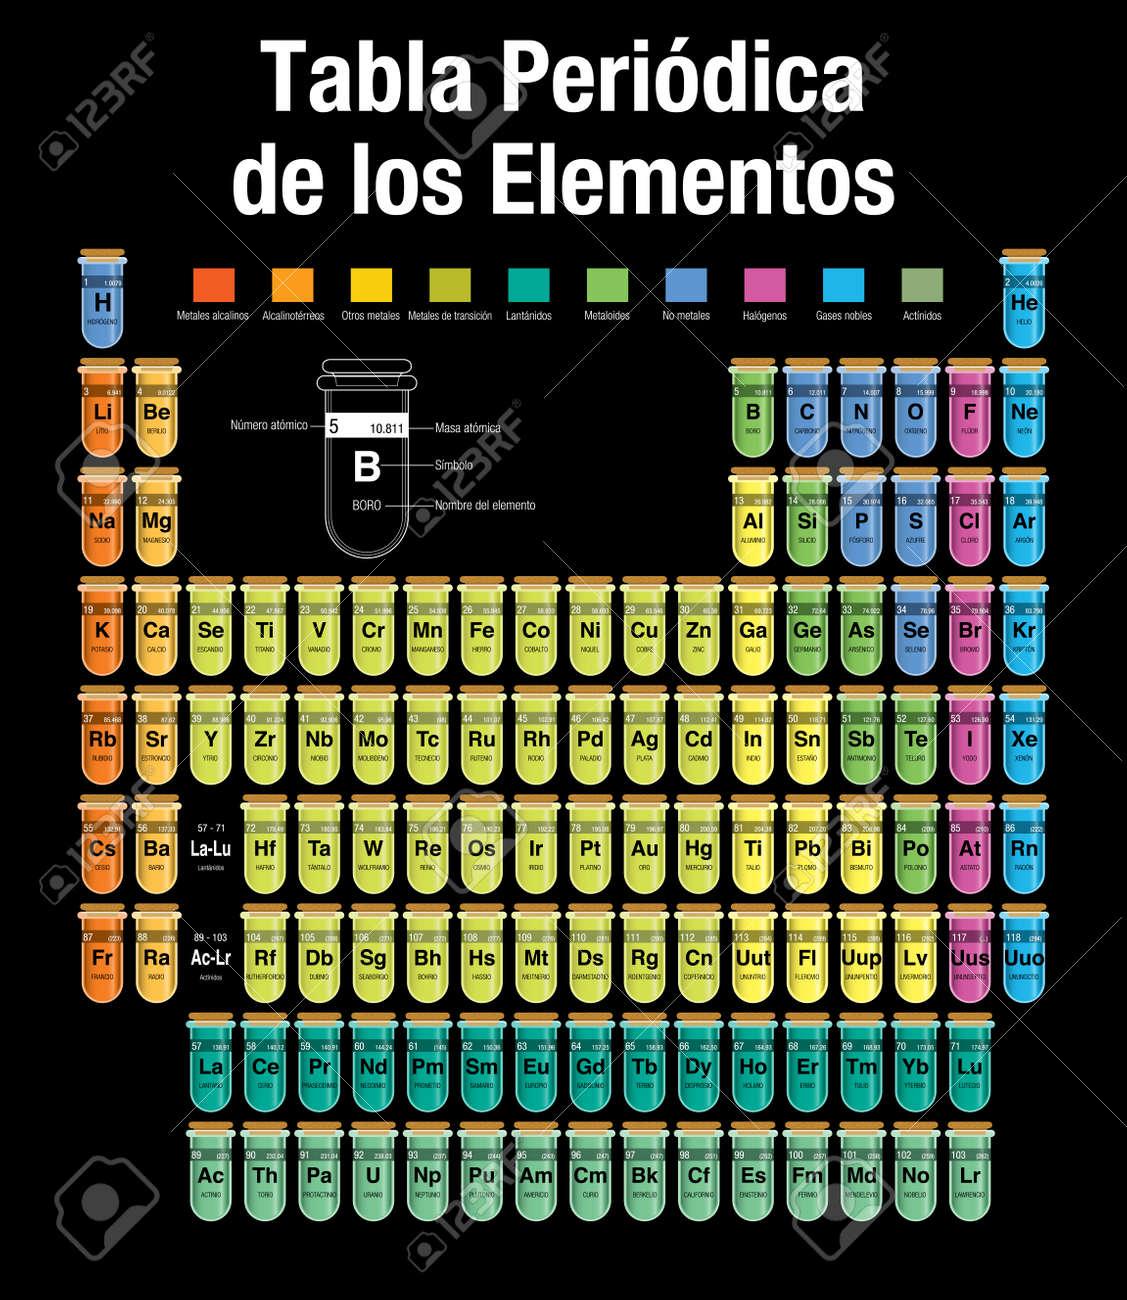 Tabla periodica de los elementos tabla periodic de los elementos en tabla periodica de los elementos tabla periodic de los elementos en espaol idioma consistentes en tubos de ensayo con los nombres y el nmero de cada urtaz Image collections